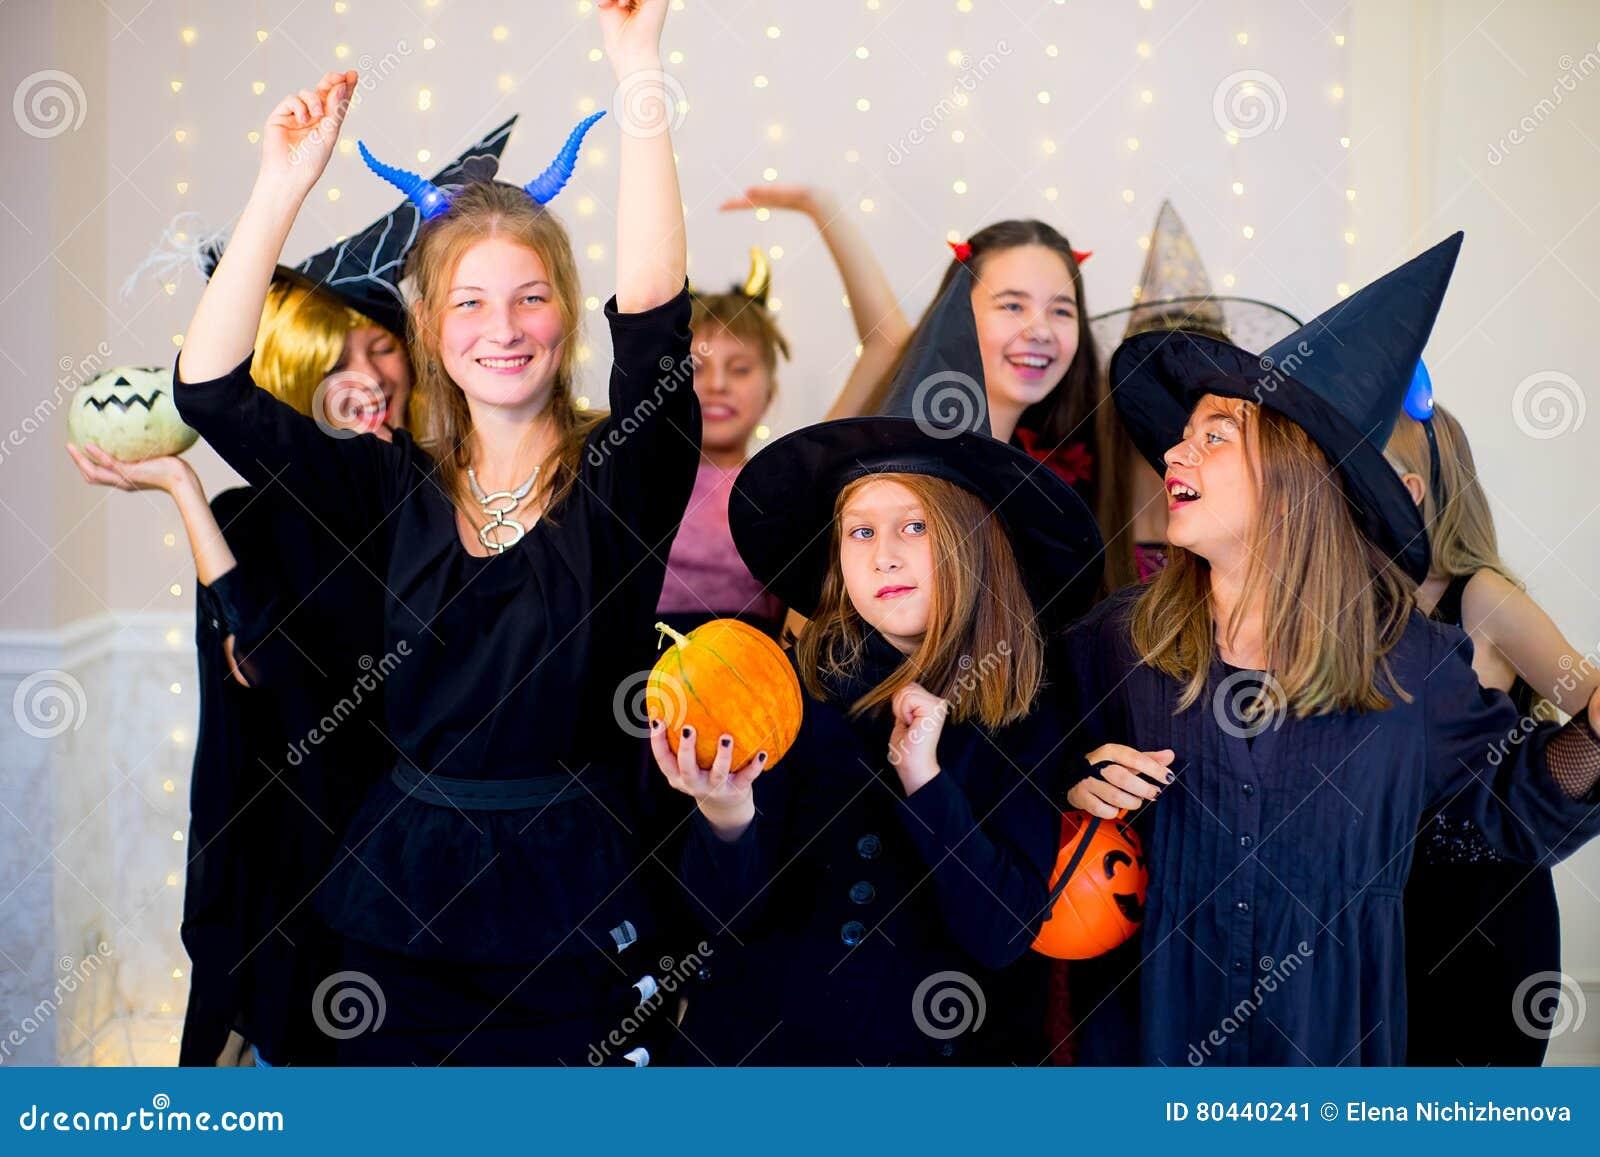 Gluckliche Gruppe Jugendliche Tanzen In Halloween Kostume Stockbild